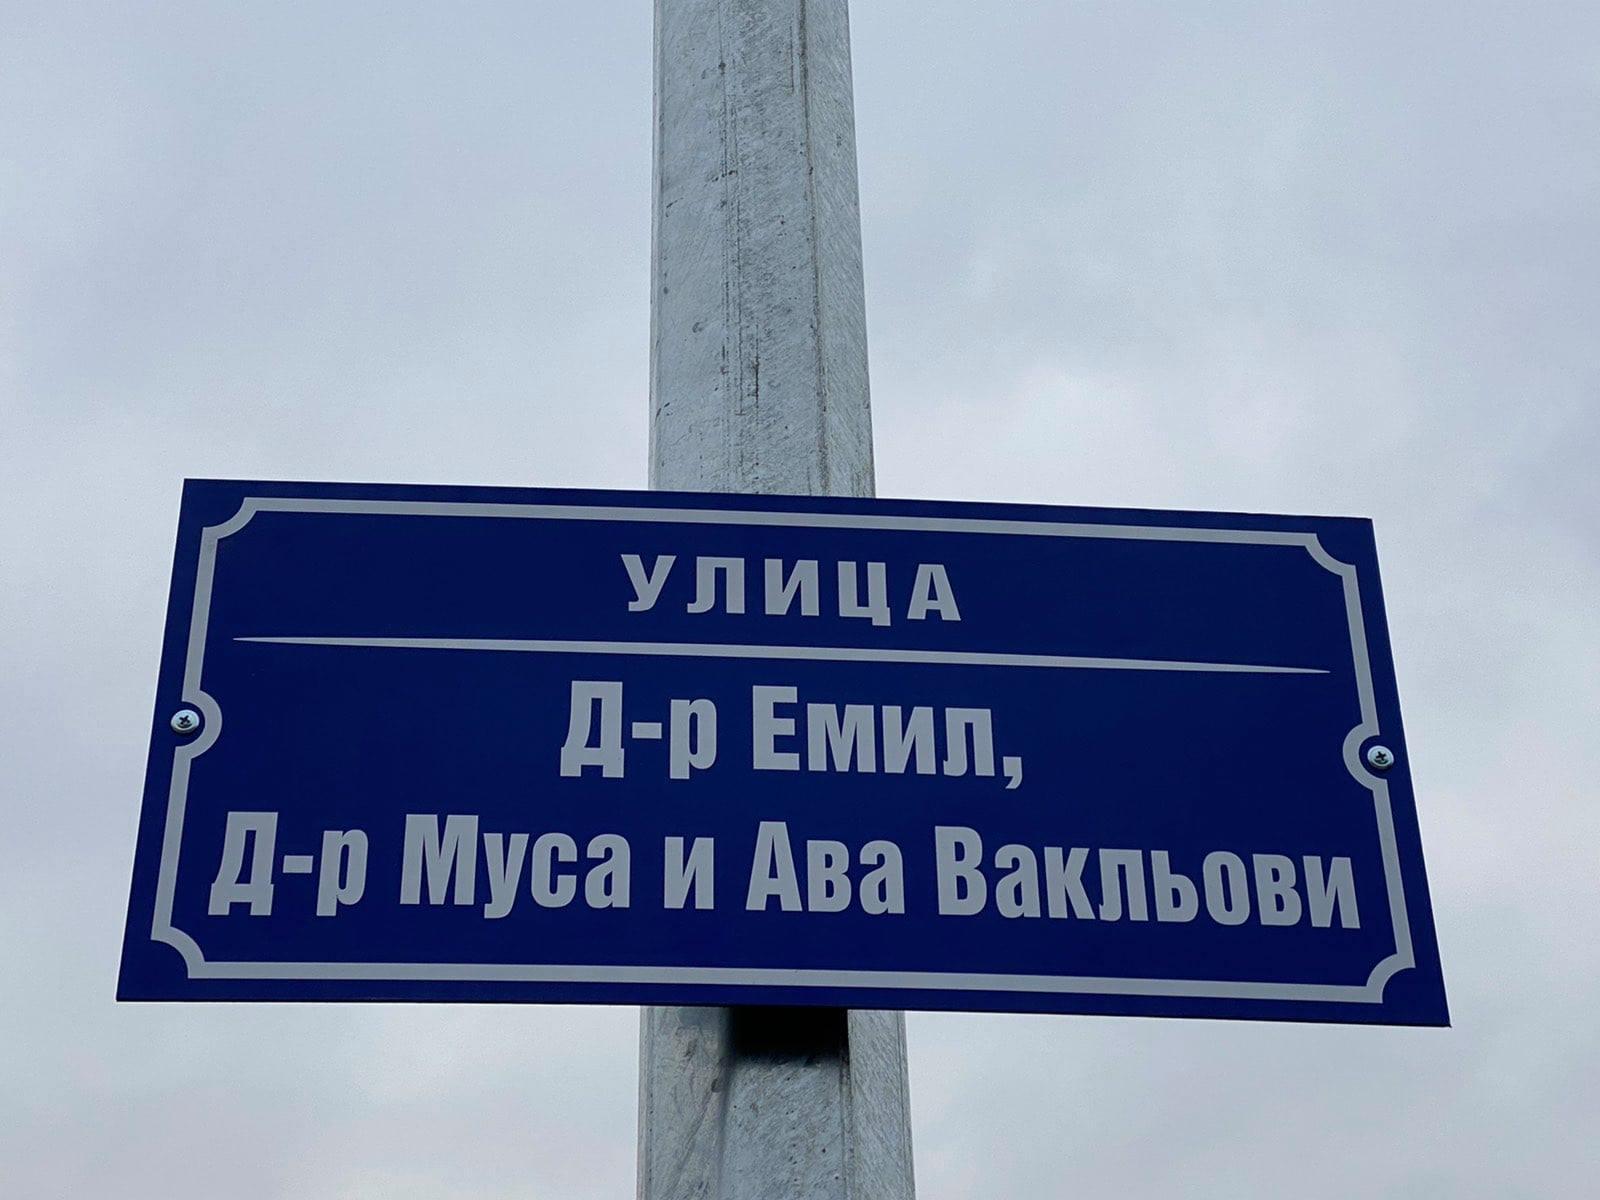 Откриха улица на името на  д-р Емил Вакльов, д-р Муса Вакльов и неговата съпруга